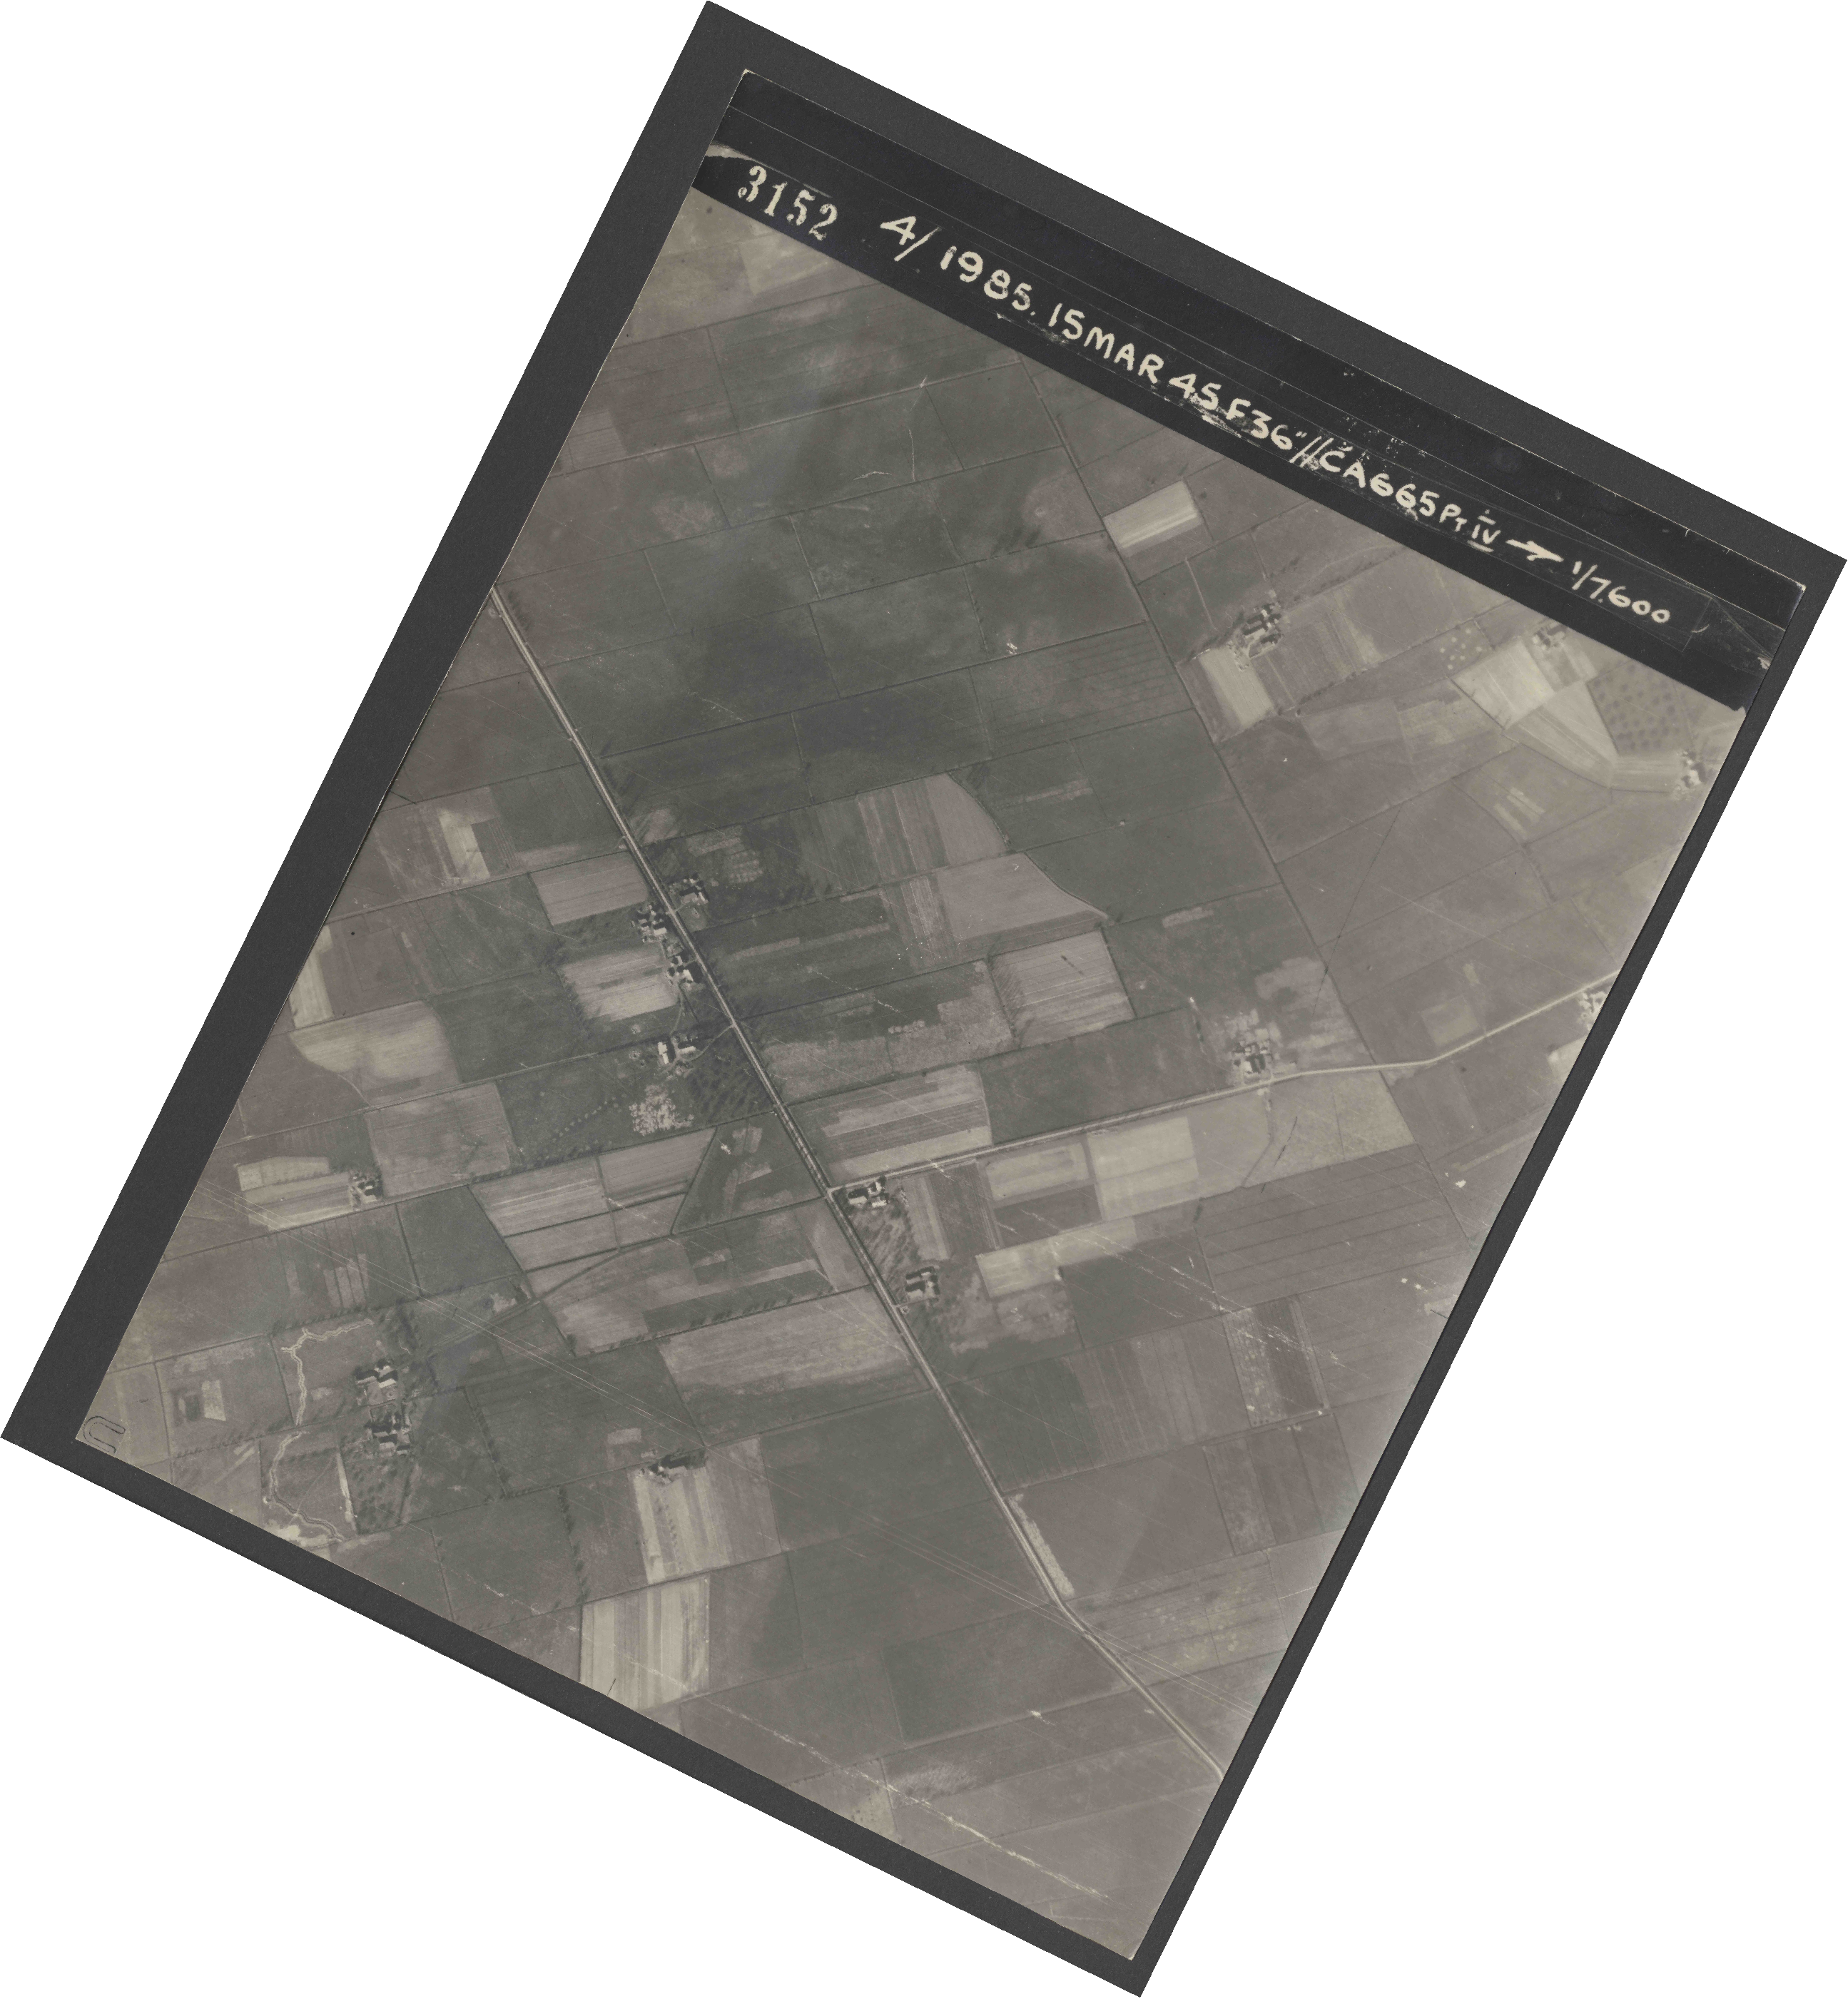 Collection RAF aerial photos 1940-1945 - flight 059, run 04, photo 3152